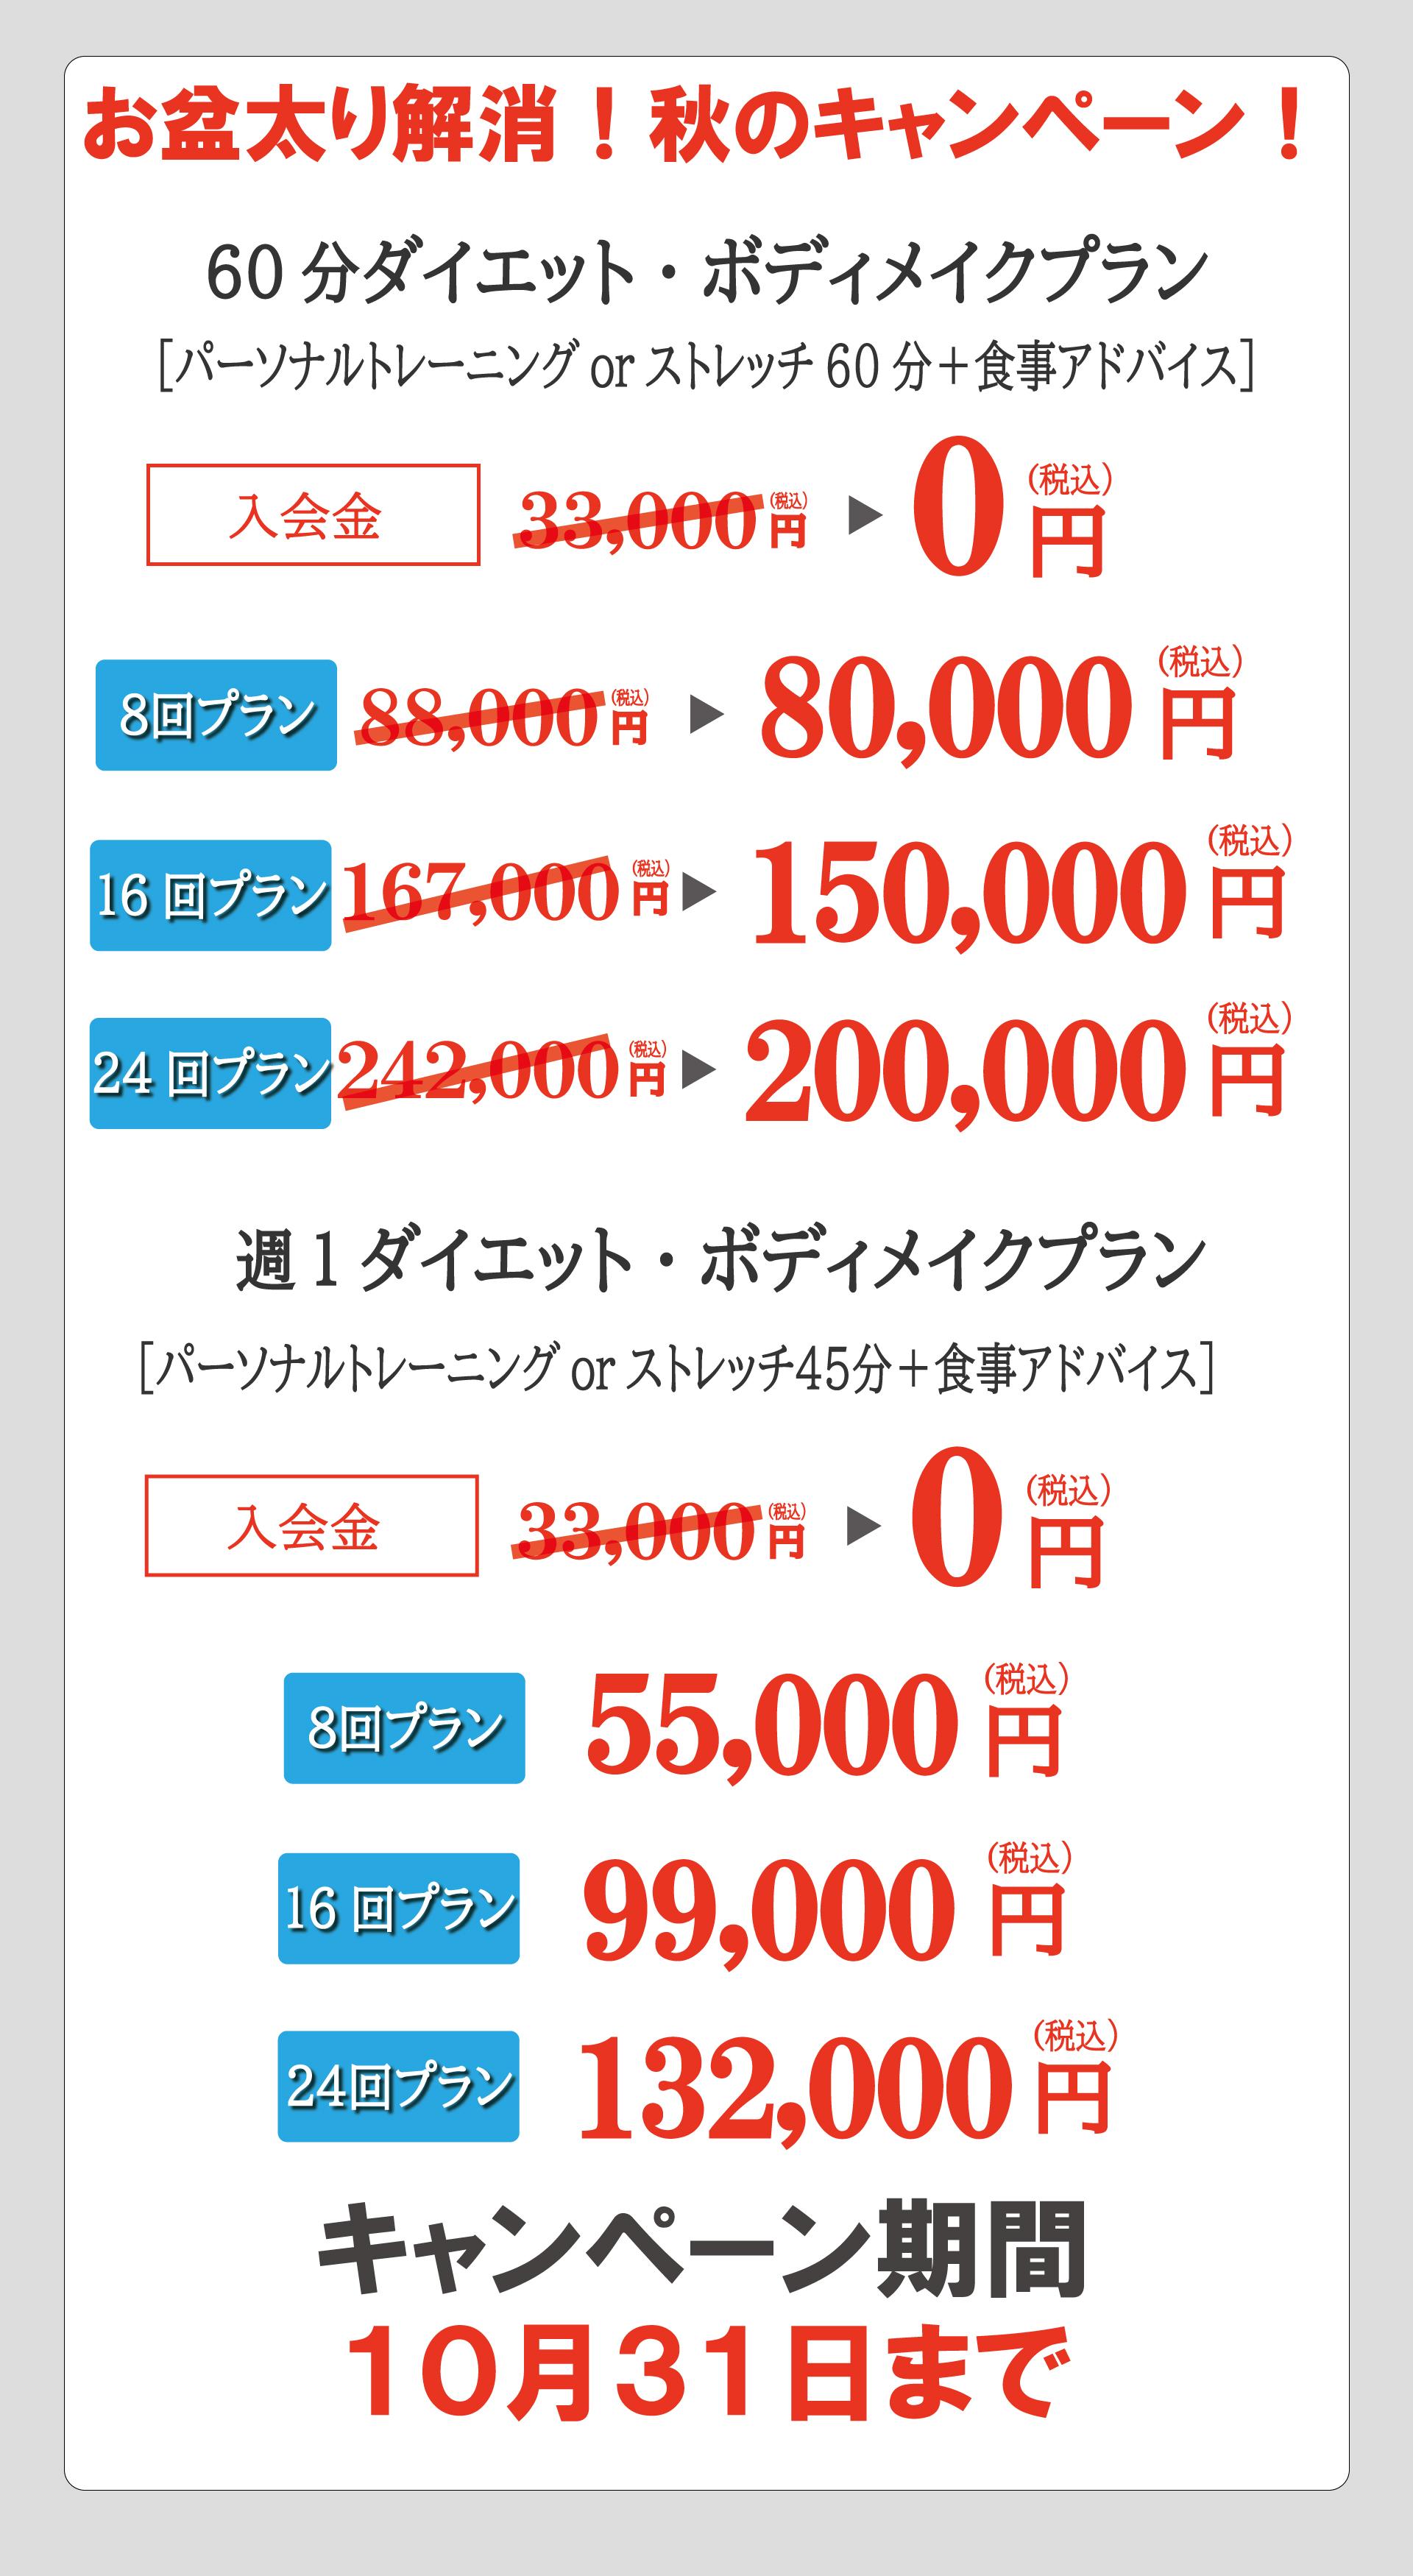 御所南店 秋のキャンペーン 価格表.jpg